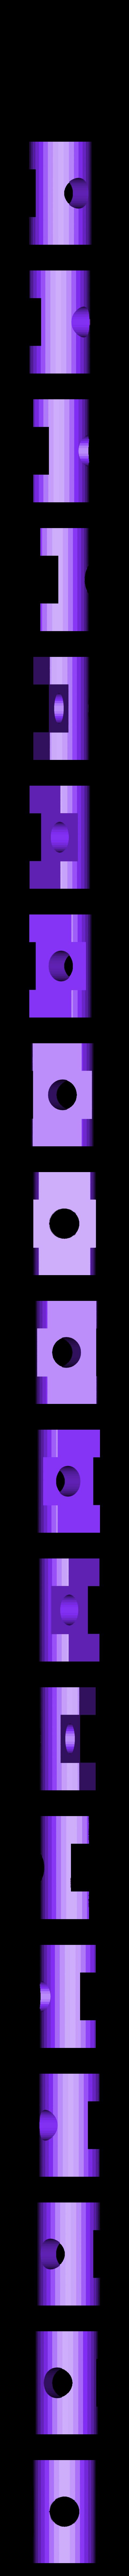 D03f49ff f5f1 40cb 846a 81601821fc06